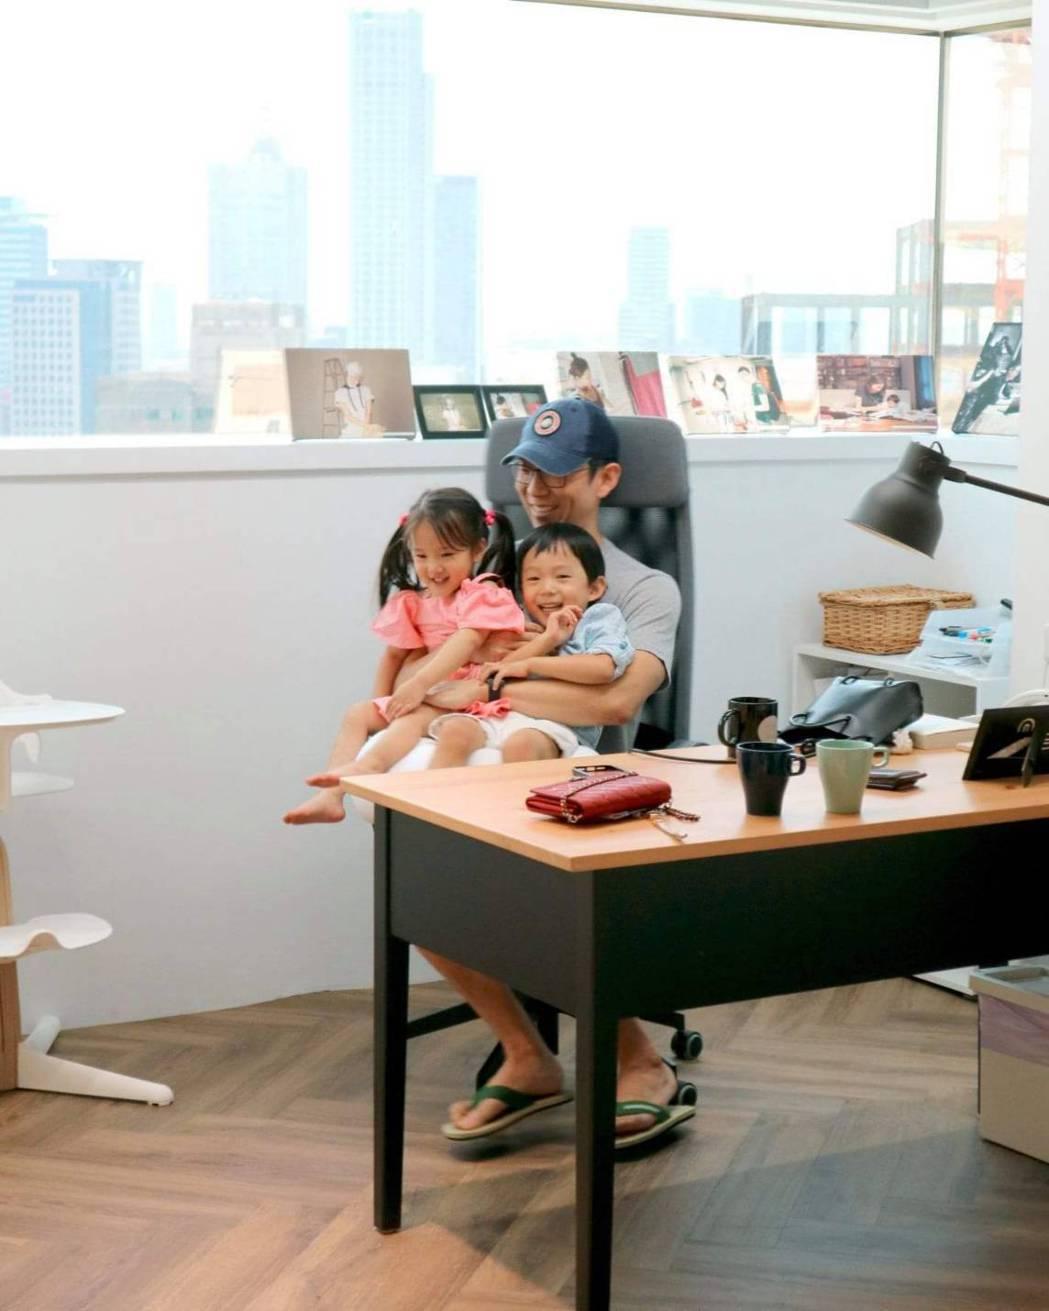 Tony陪玩小孩們,讓隋棠專心工作。圖/摘自臉書